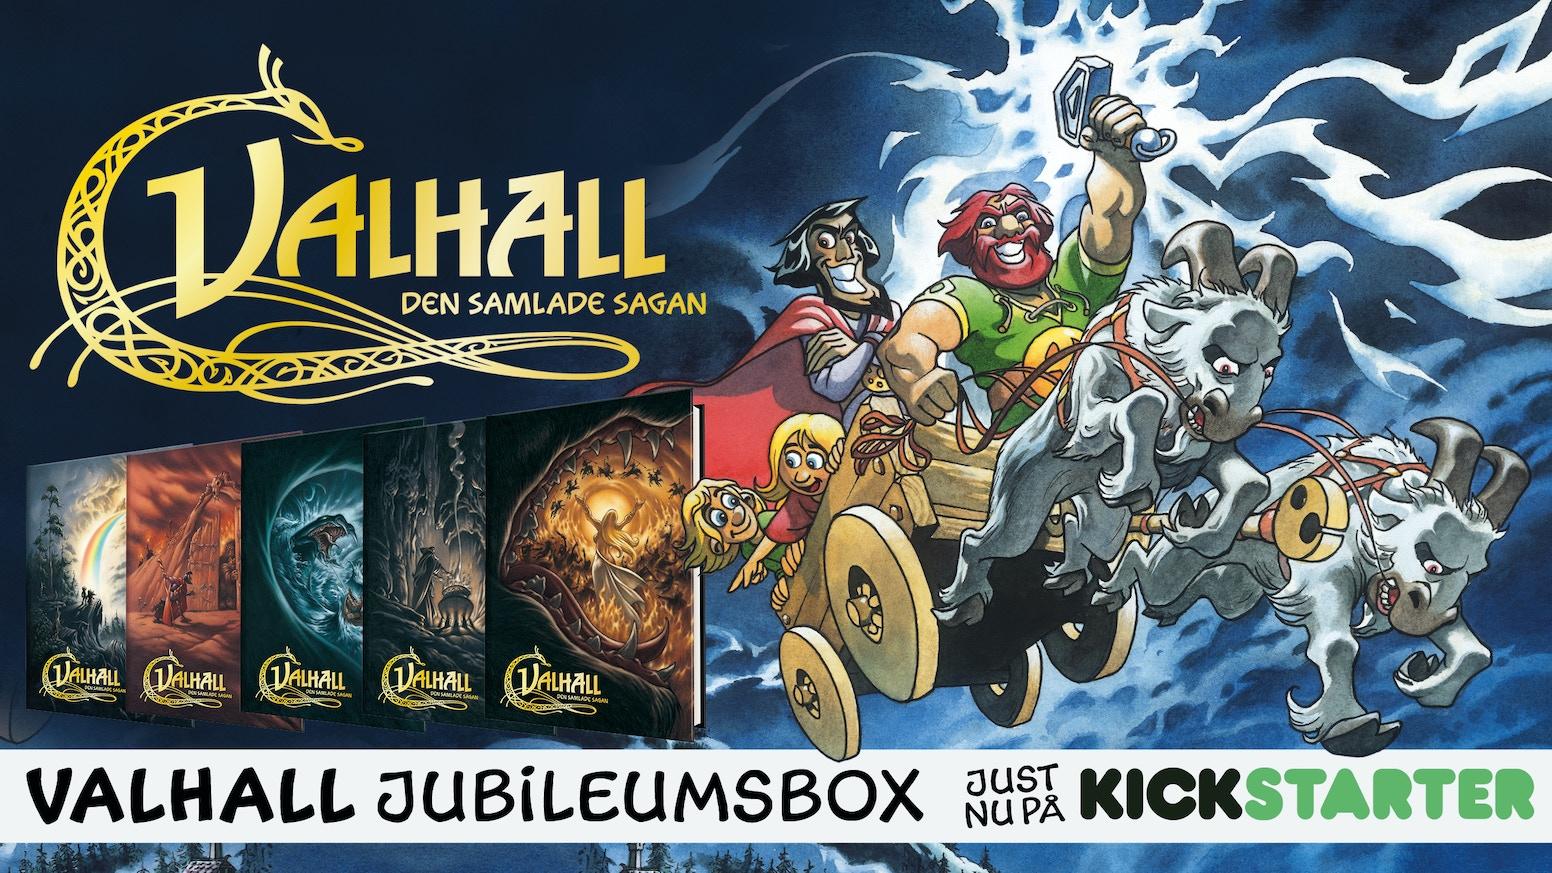 Det är 40 år sedan det första seriealbumet med VALHALL kom ut. Det ska vi fira! Och som vi firade sen – medett svenskt Kickstarter-rekord som gjorde att vi kunde ta fram den mäktigaste samlingsboxen i mannaminne!